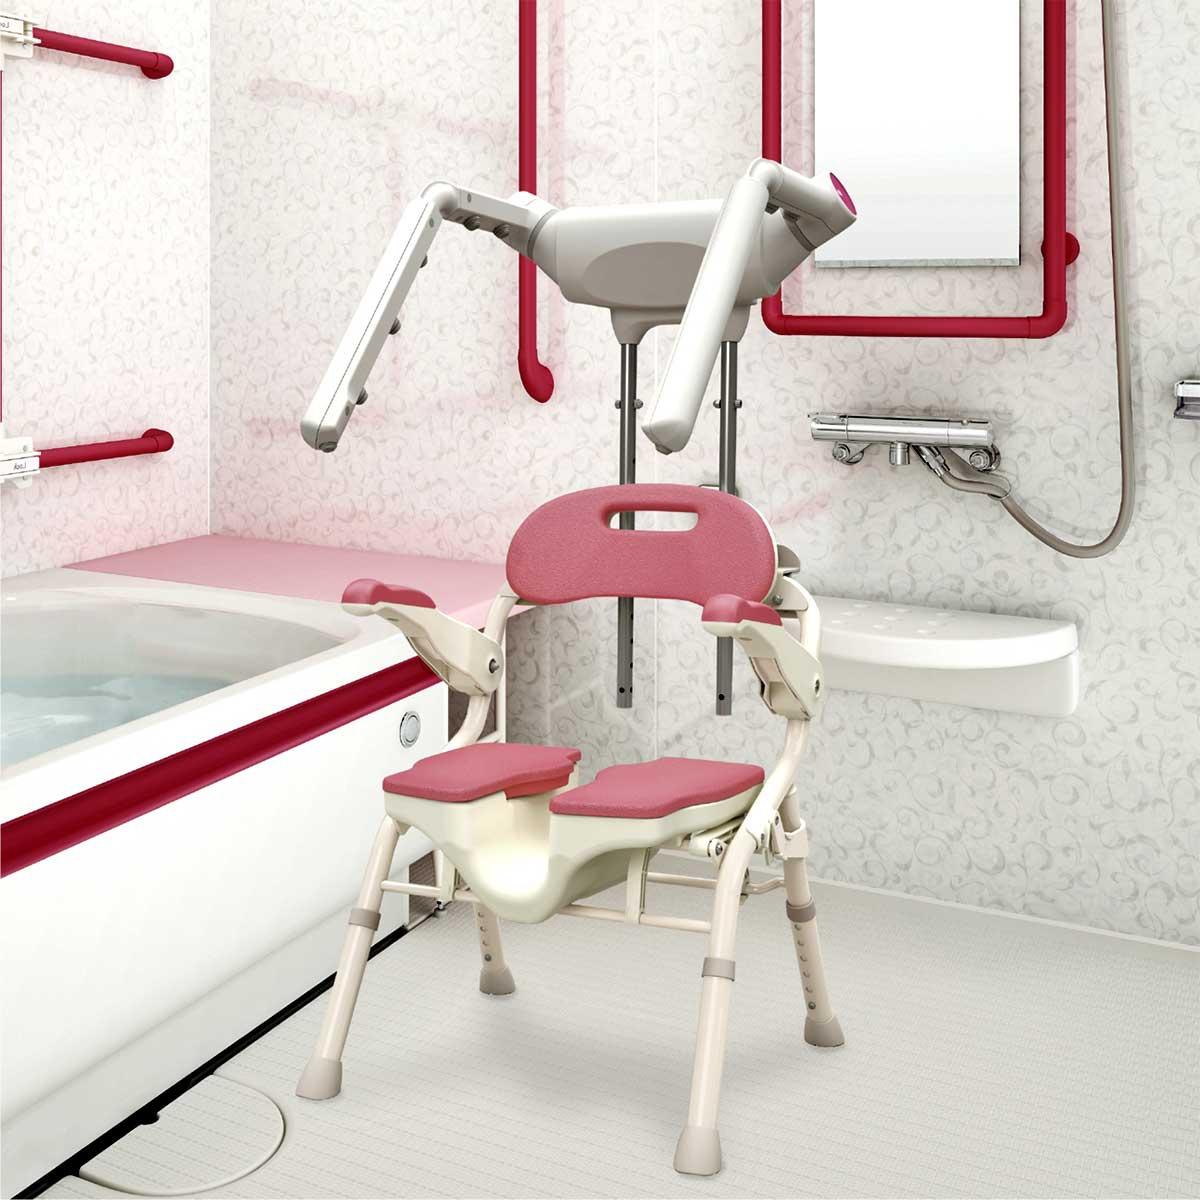 積水ホームテクノ wellsシャワー温浴システム